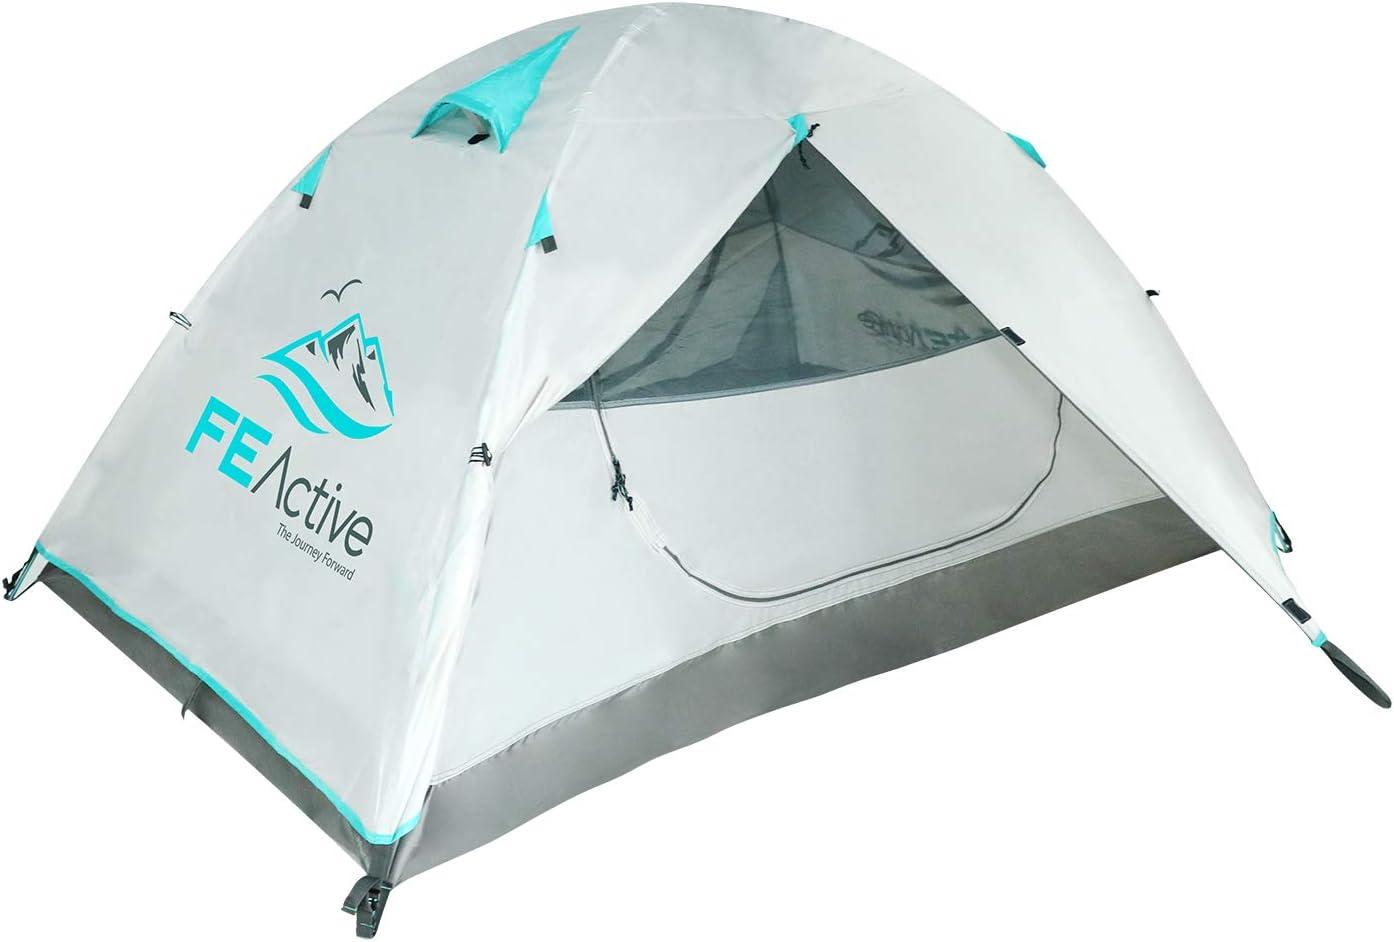 FE Active Tienda de Campaña 2 Personas – Tienda de Camping 4 Estaciones de Alta Cualidad para 1 o 2 Personas con Cubierta Impermeable, Postes de Aluminio. Todas las Temporadas I Diseñado